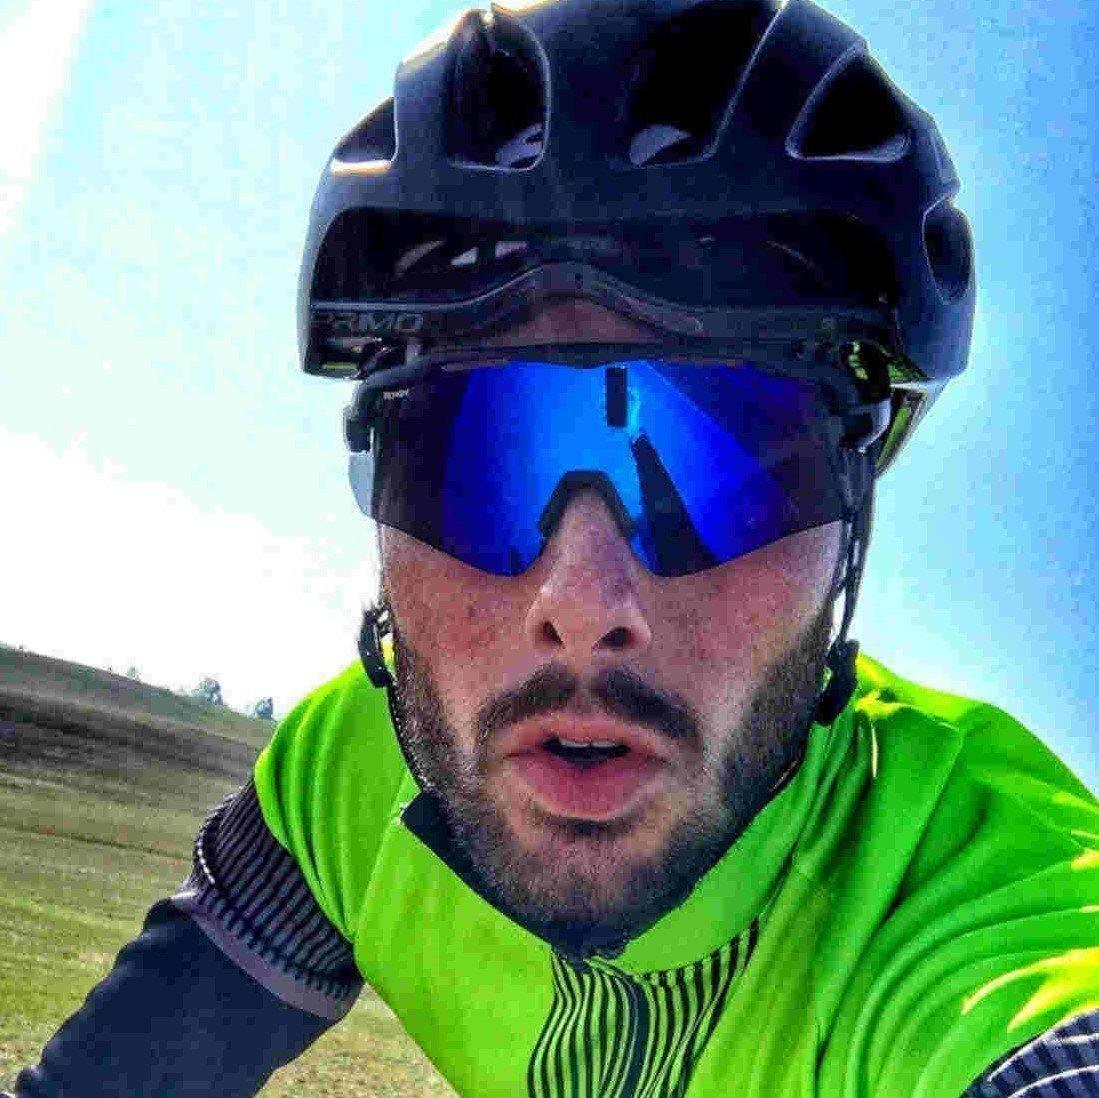 occhiale monolente per bici da corsa lente specchiata